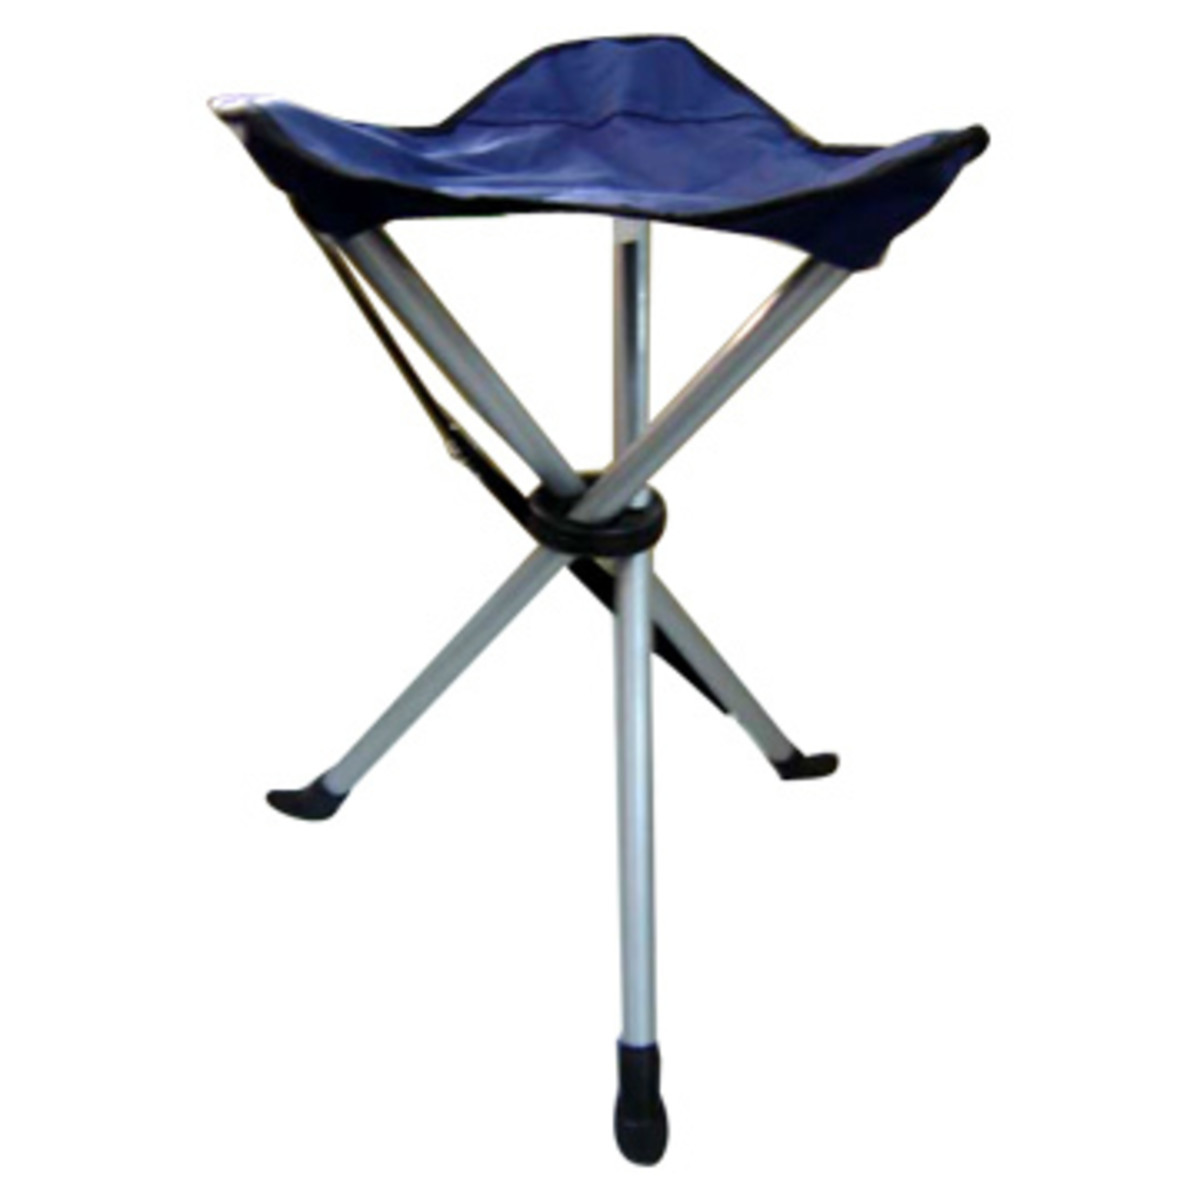 tripod stool